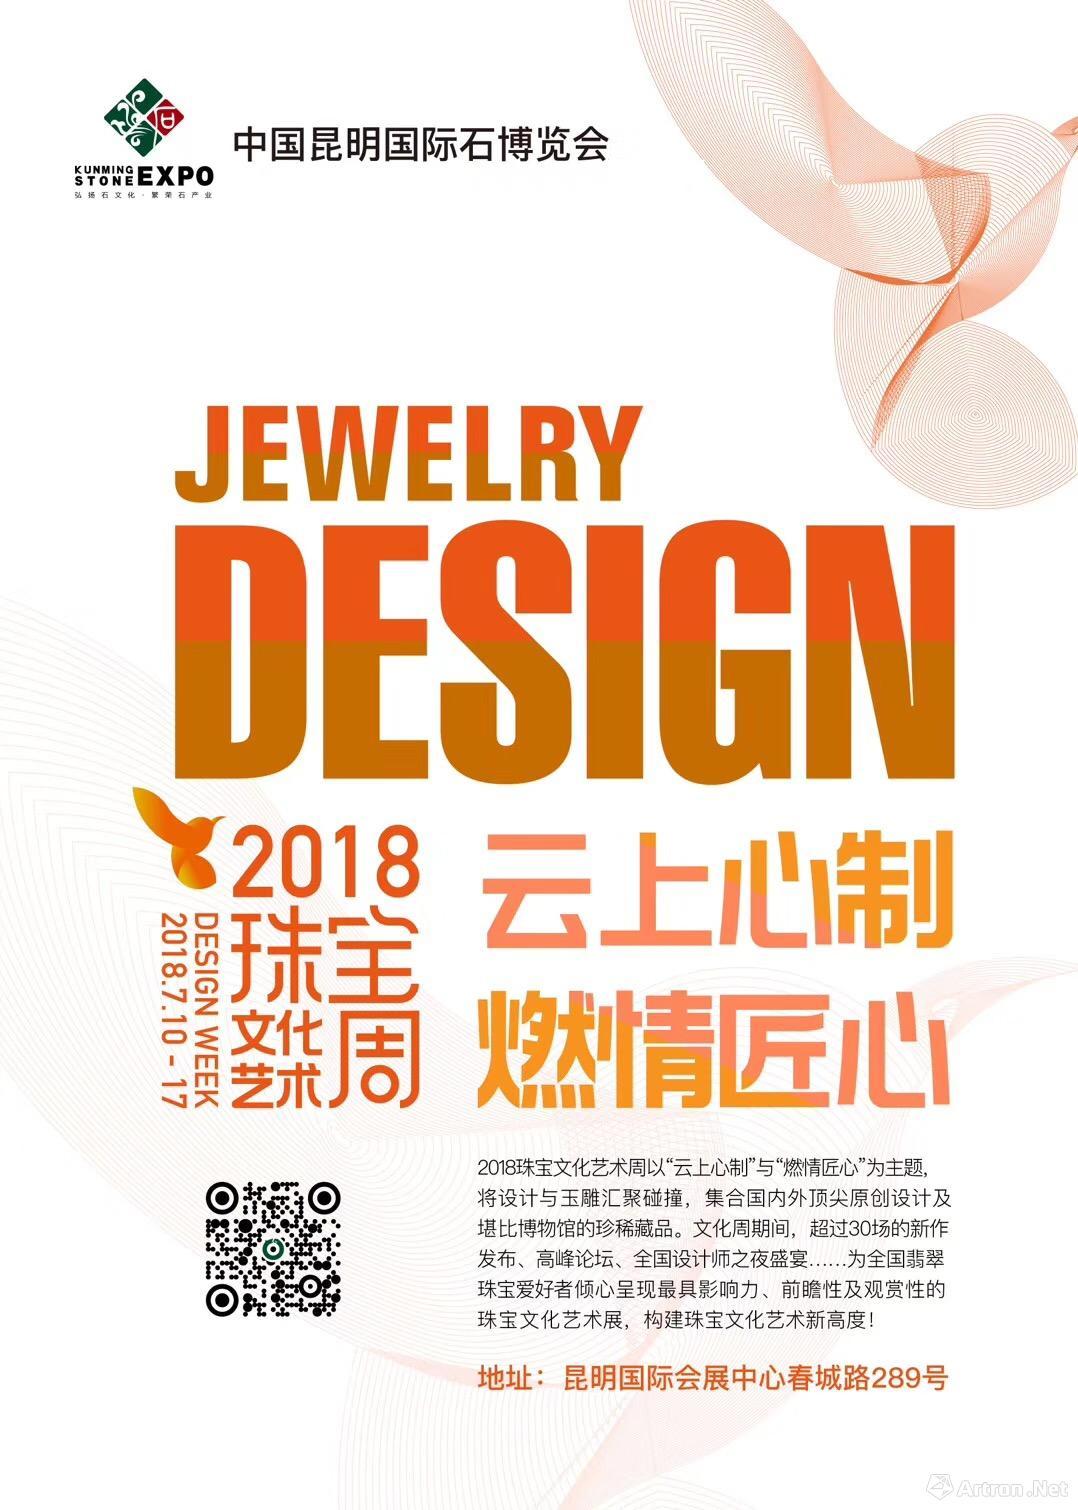 2018珠宝文化澳门葡京注册周展